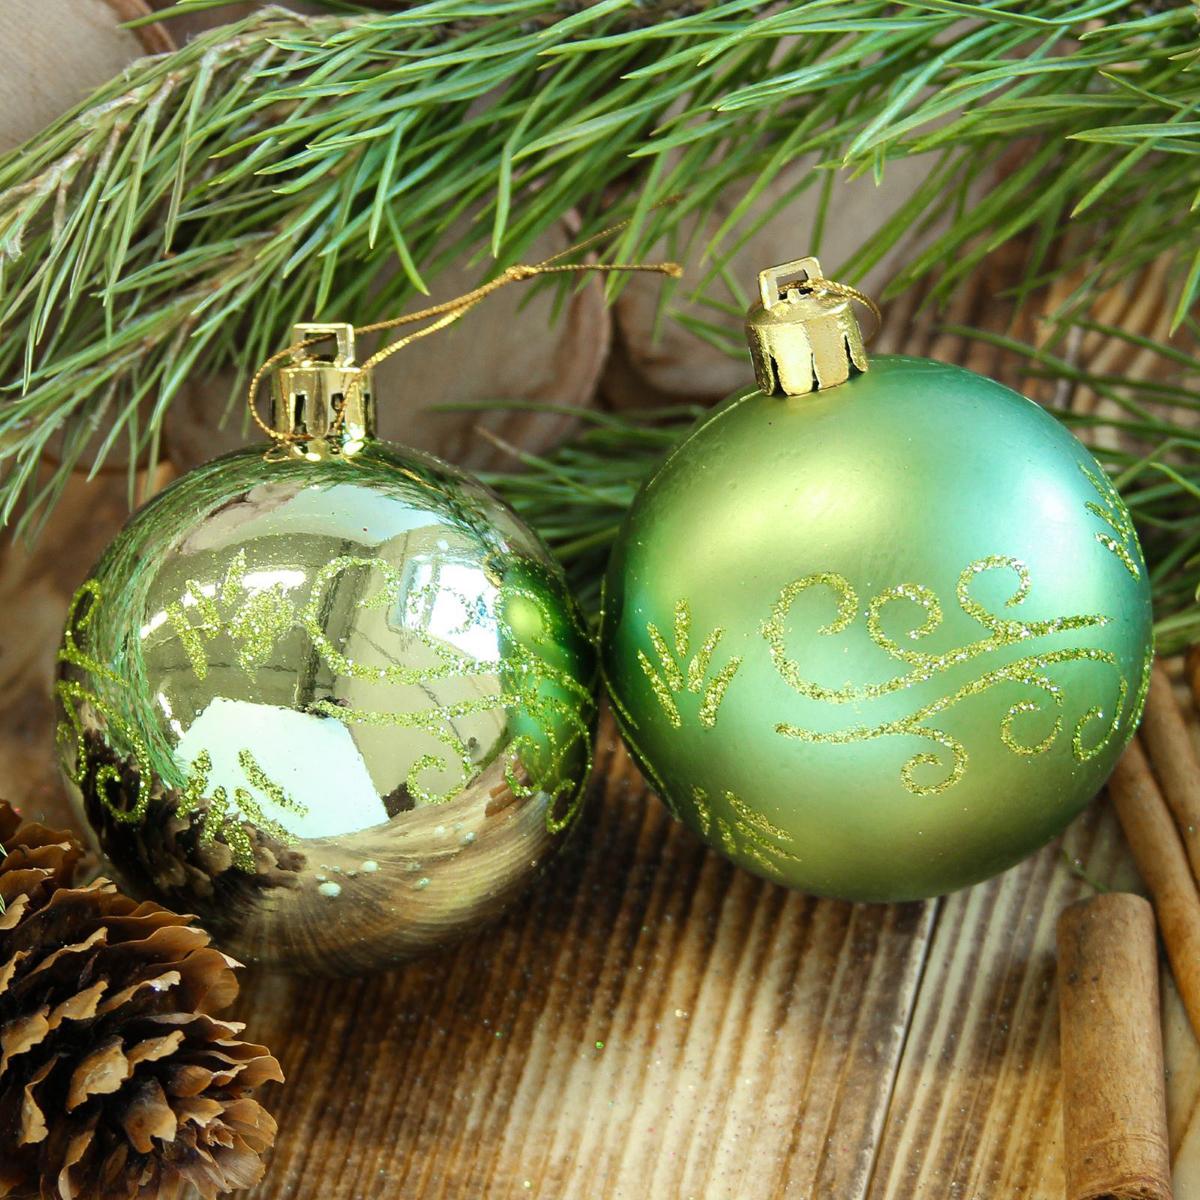 Набор новогодних подвесных украшений Sima-land Завитки, диаметр 6 см, 8 шт2122525Набор новогодних подвесных украшений Sima-land отлично подойдет для декорации вашего дома и новогодней ели. С помощью специальной петельки украшение можно повесить в любом понравившемся вам месте. Но, конечно, удачнее всего оно будет смотреться на праздничной елке. Елочная игрушка - символ Нового года. Она несет в себе волшебство и красоту праздника. Создайте в своем доме атмосферу веселья и радости, украшая новогоднюю елку нарядными игрушками, которые будут из года в год накапливать теплоту воспоминаний.